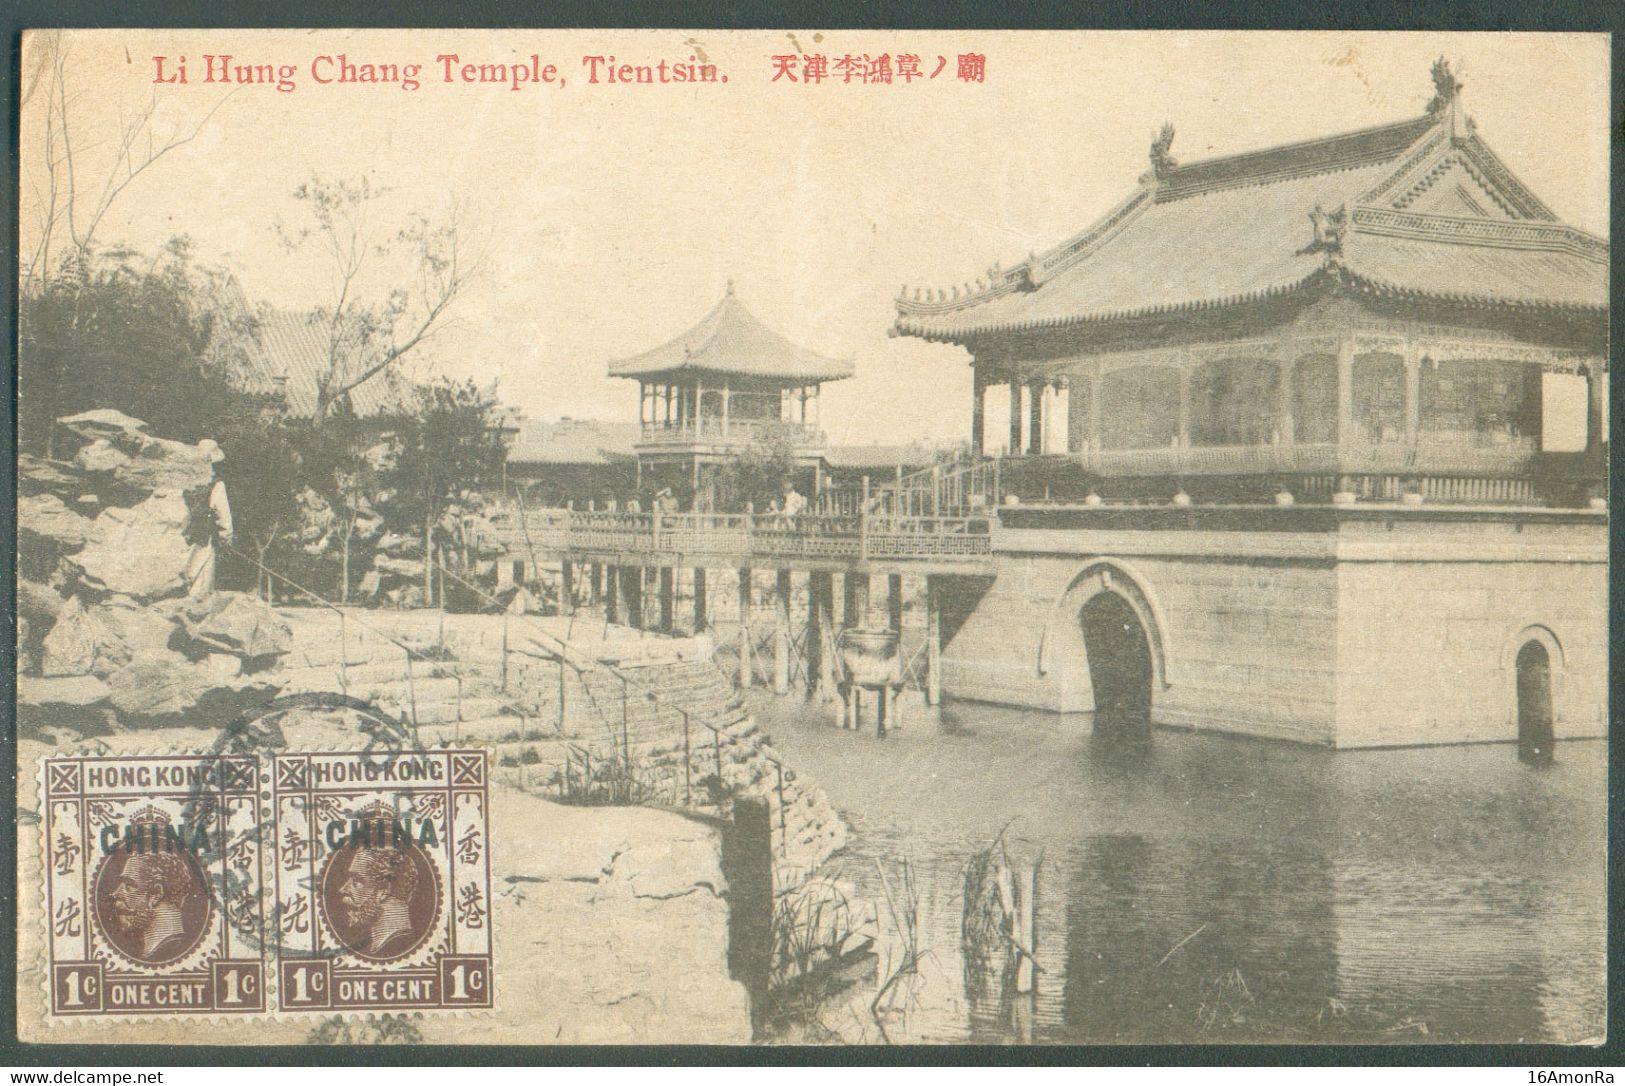 1c. HONG KONG Overprint CHINA (pair) Cancelled TIENTSIN BR.P.O. Aug. 15 1921 On PPC (Li HUNG CHANG TEMPLE TIENTSIN Chine - Briefe U. Dokumente